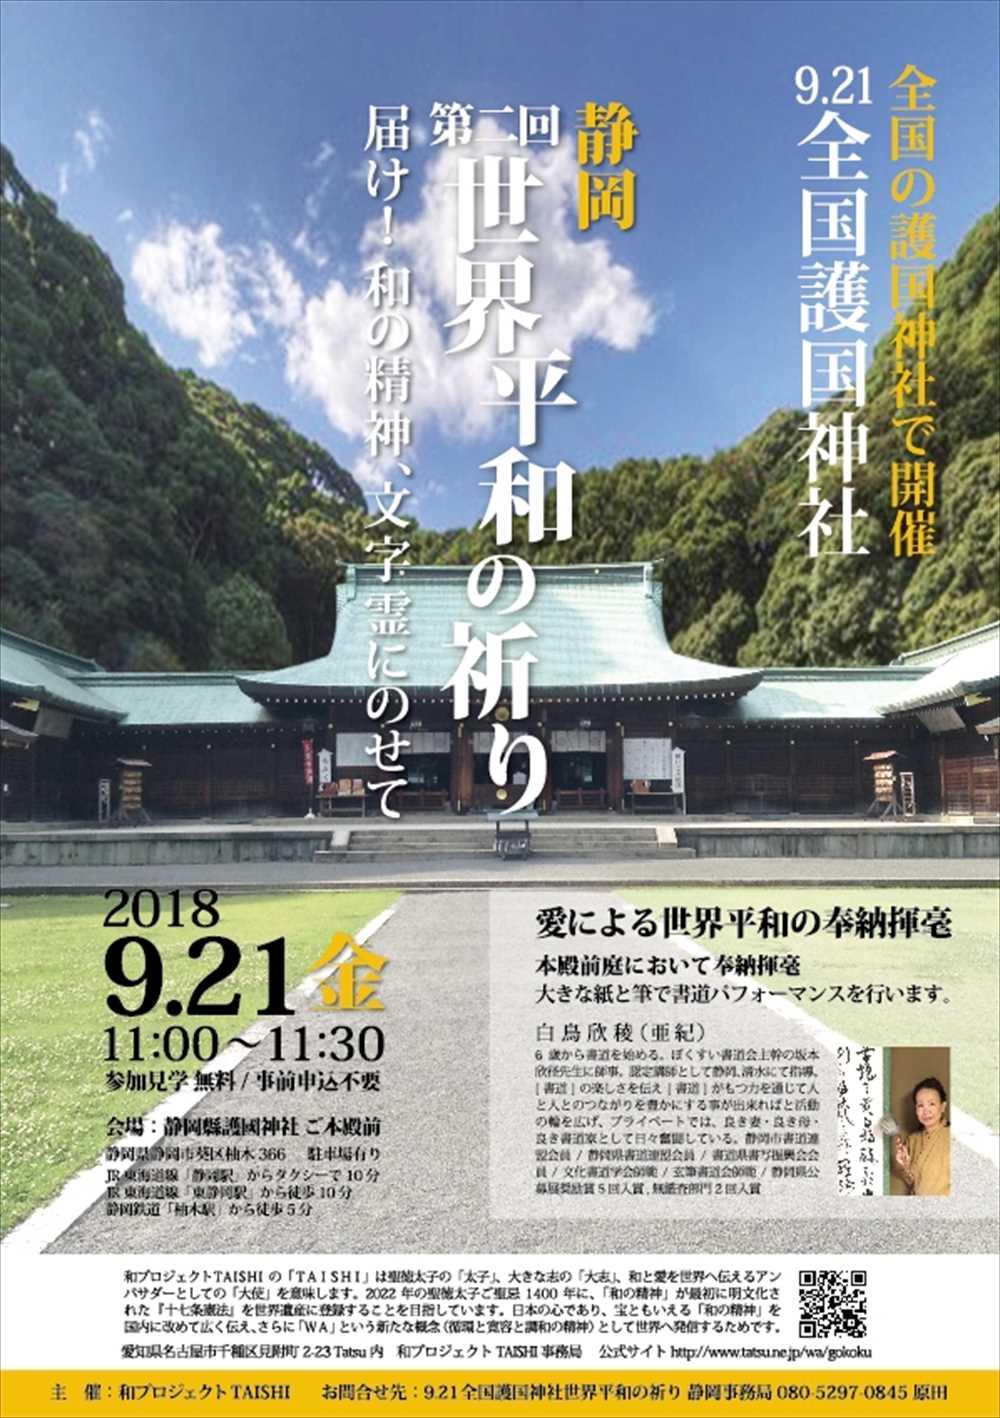 静岡 護国神社 世界平和の祈り